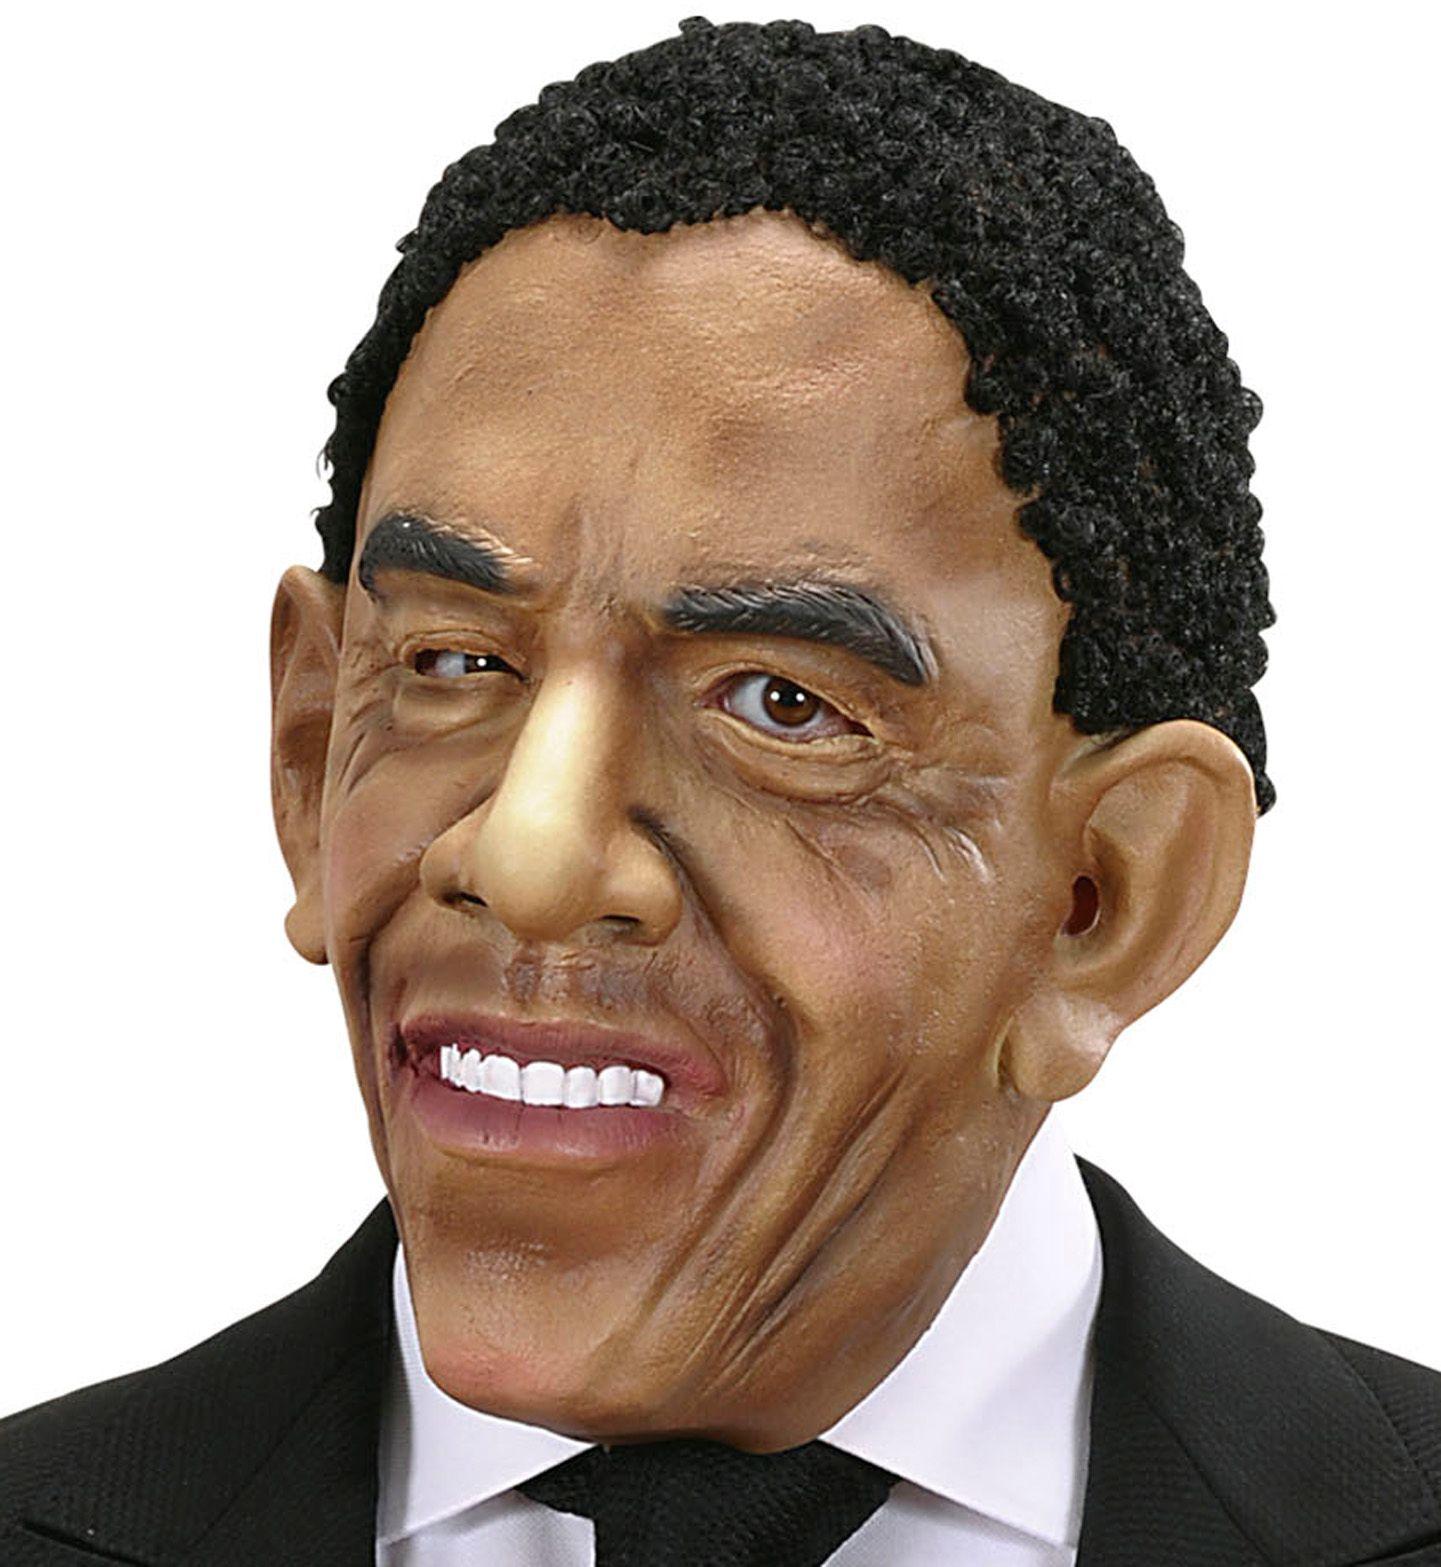 Obama masker met pruik